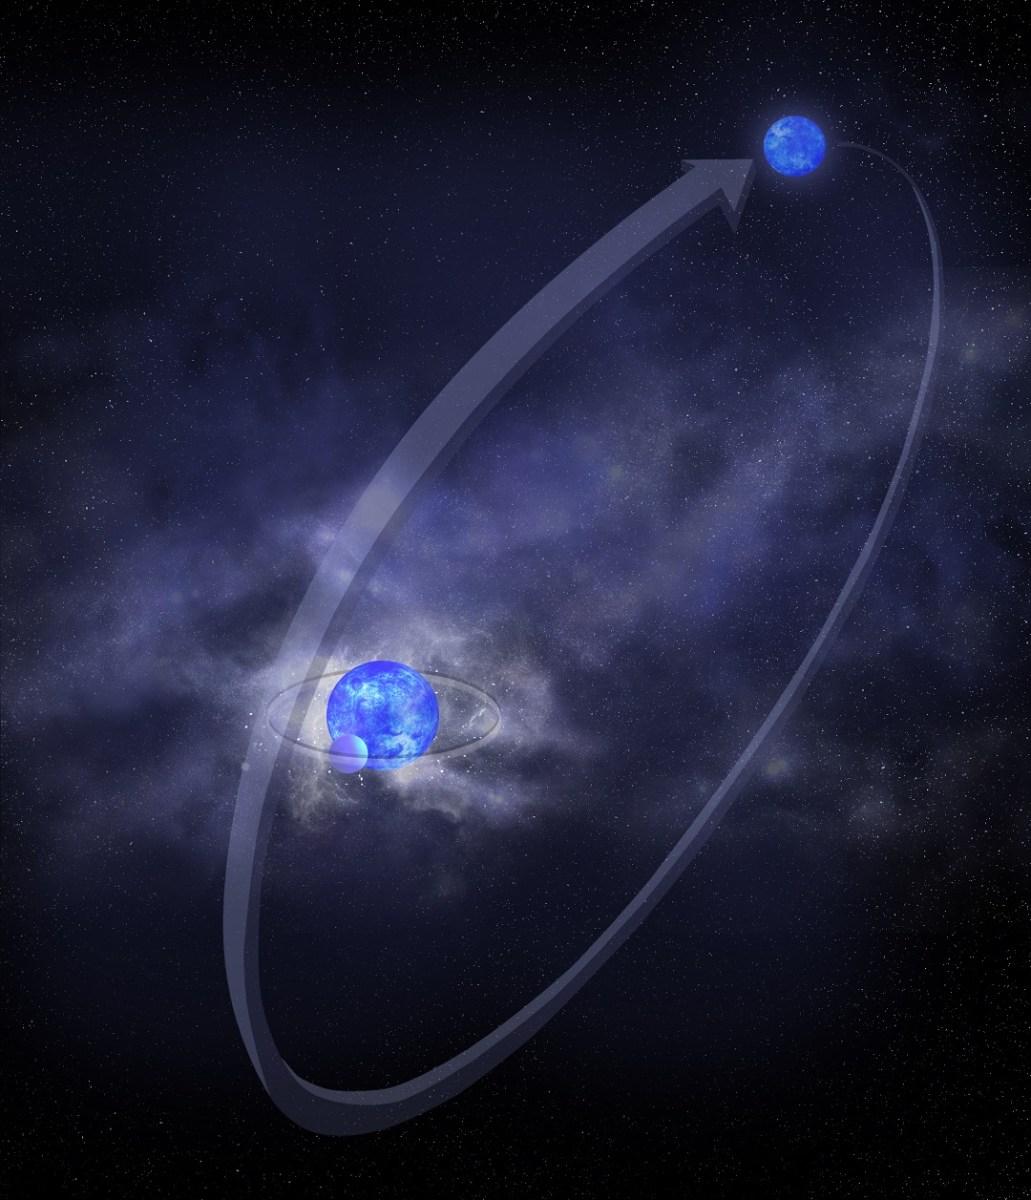 Mintaka: A estrela Delta Orionis no Cinturão de Órion é muito mais complexa do que parece